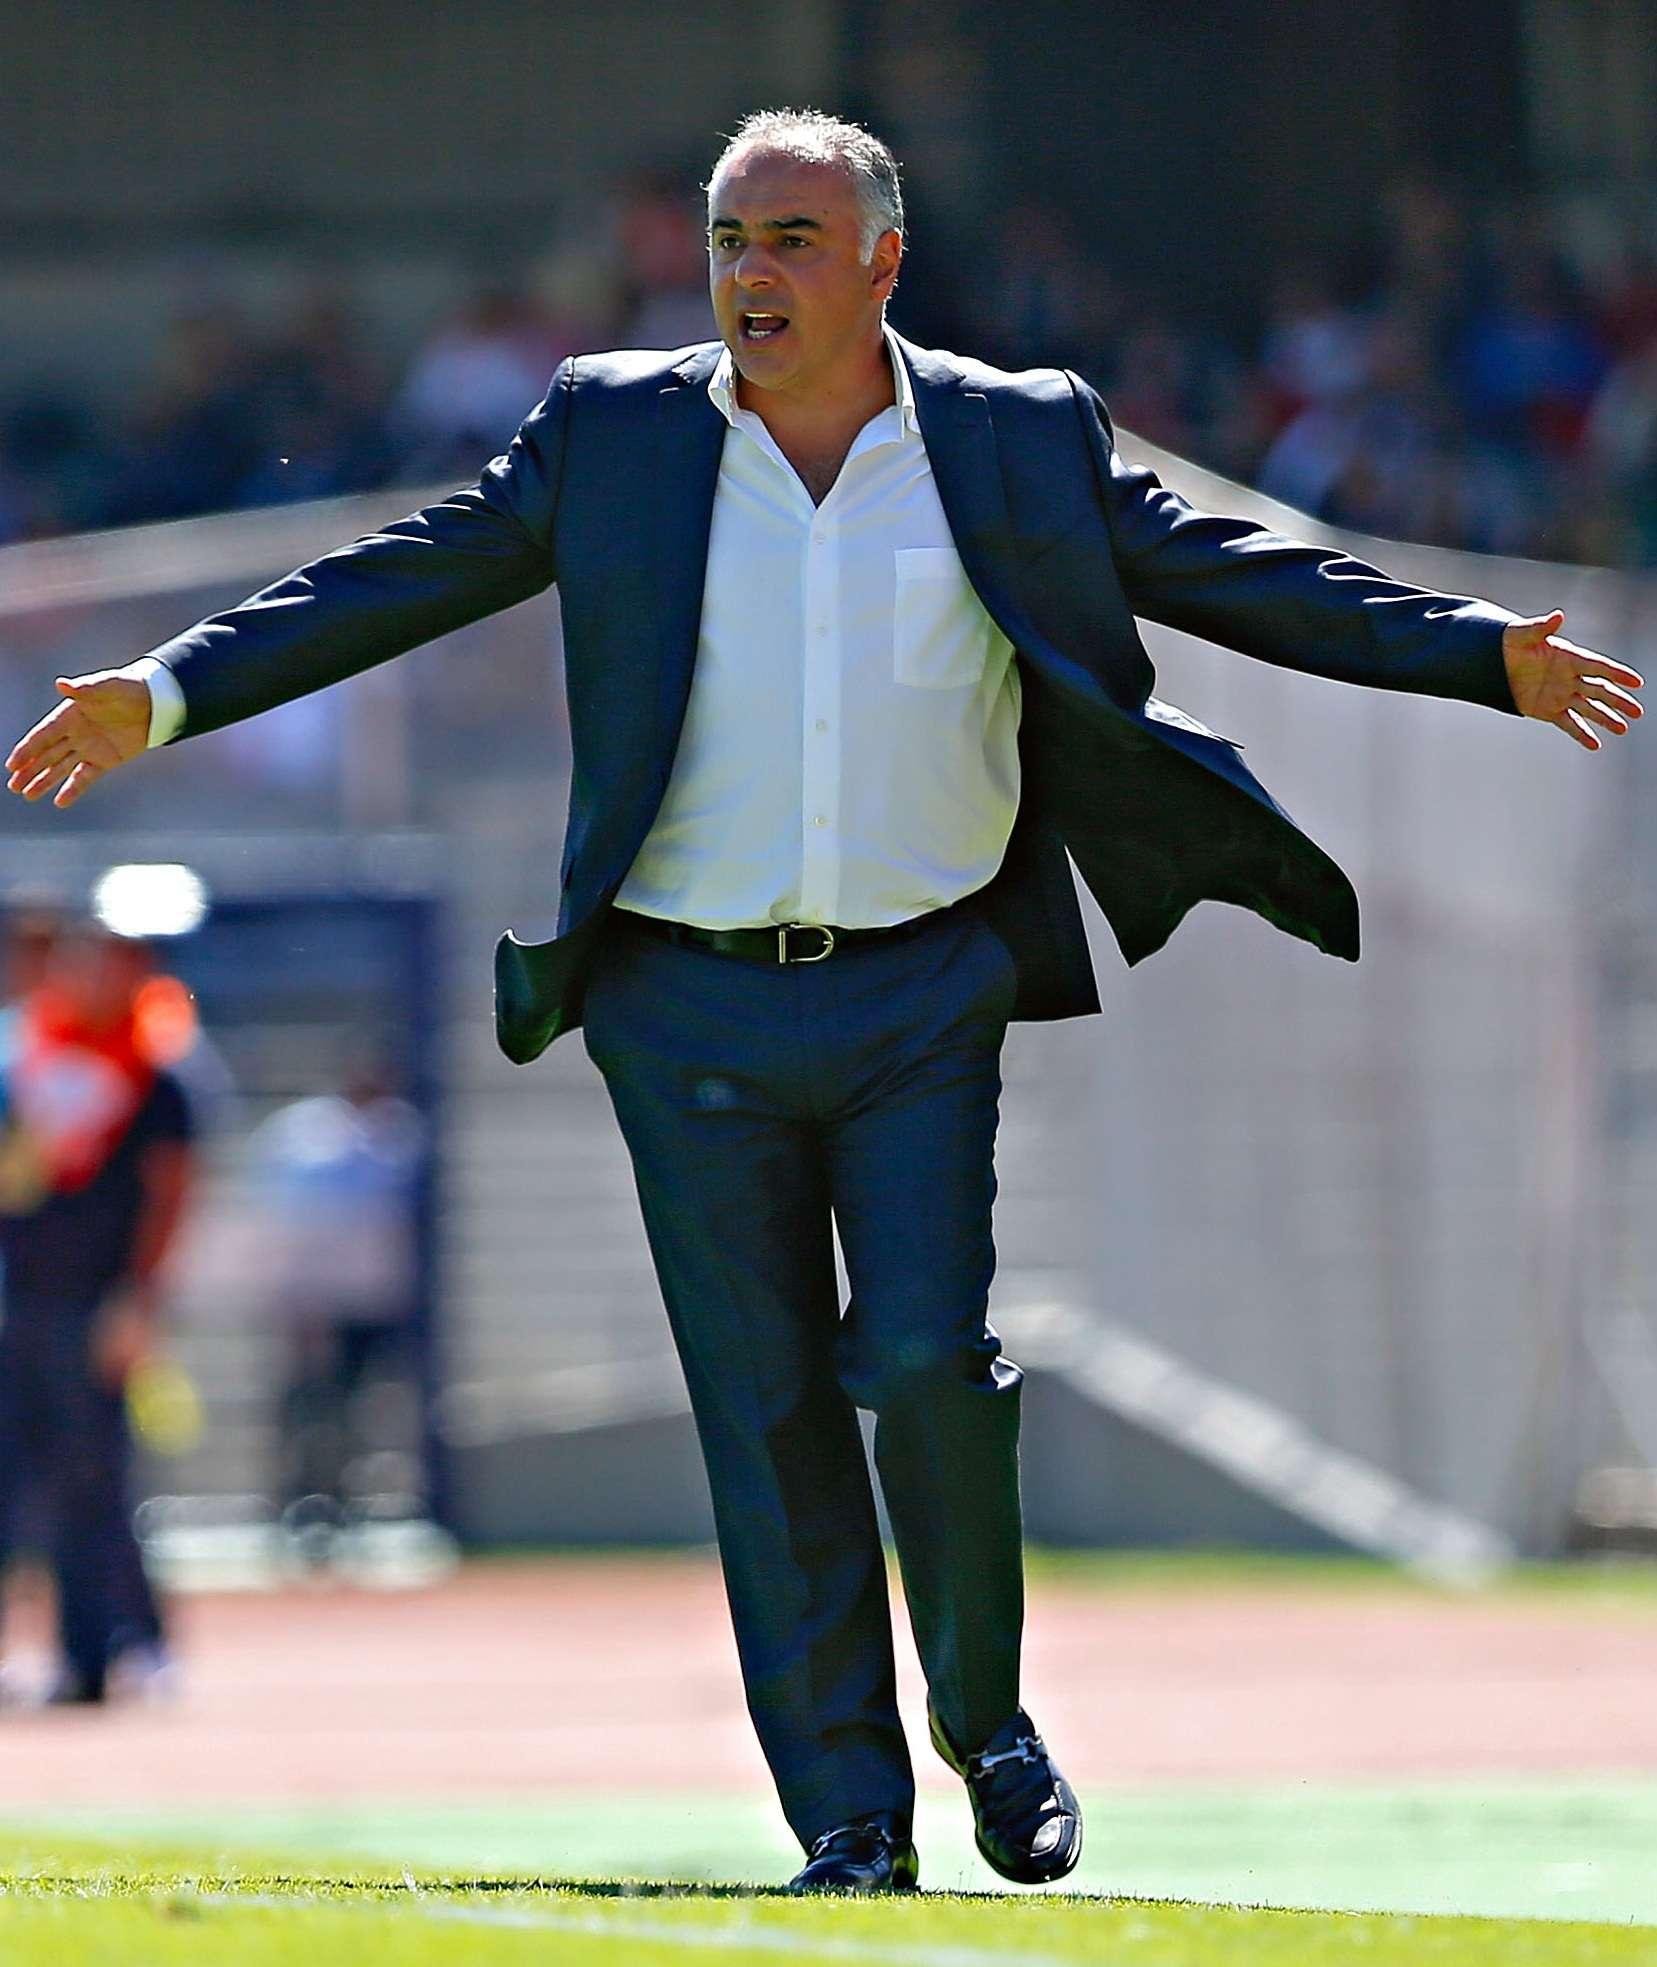 Guillermo Vázquez se mantiene invicto en CU con cinco empates y una victoria. Foto: Imago7